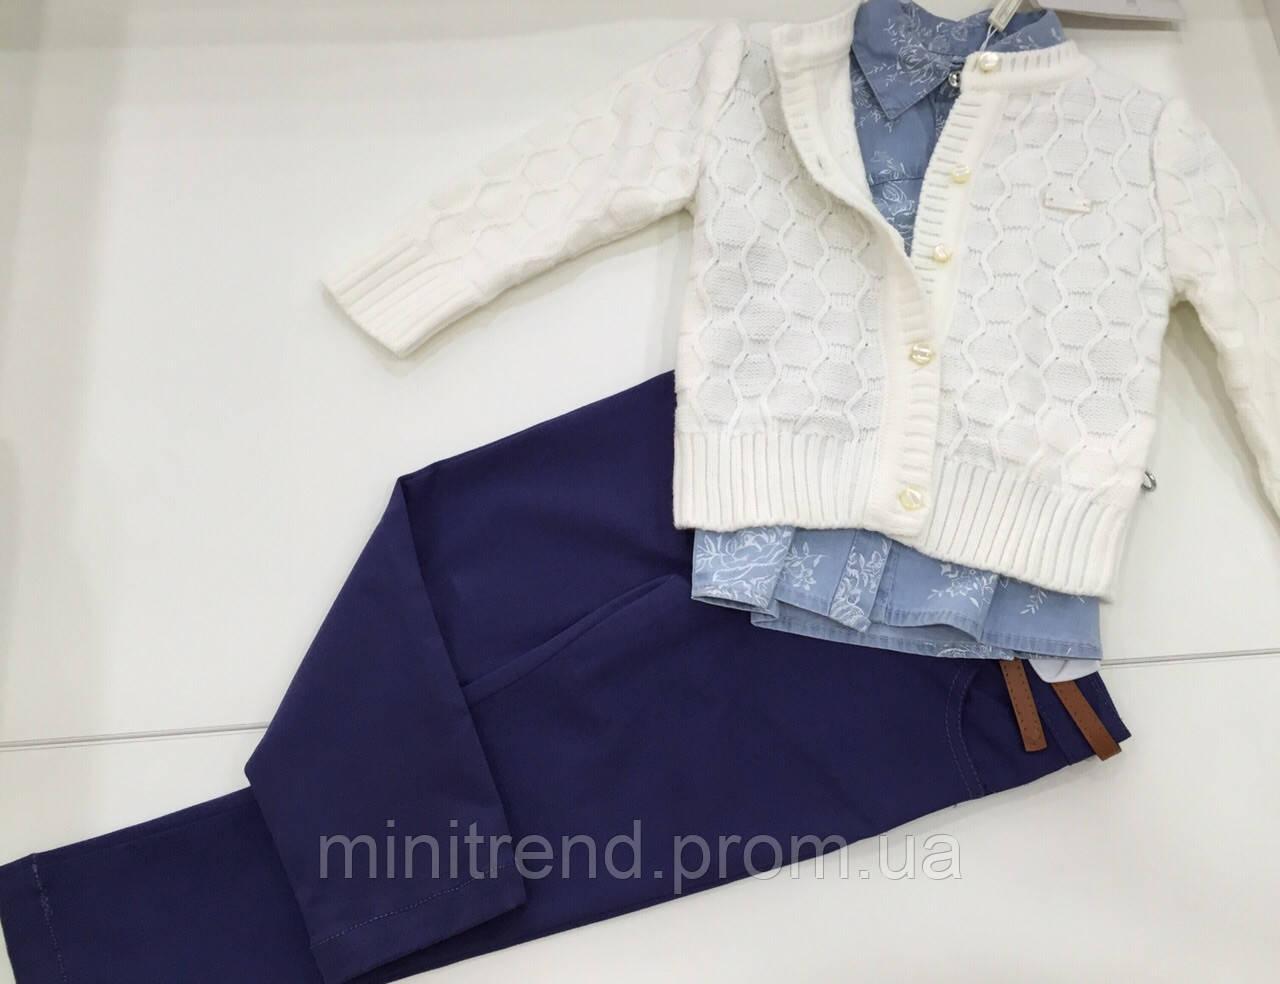 Детский костюм - кофта , рубашка , брюки  - для девочки на 2 - 3 года - Интернет-магазин детской одежды MiniTrend в Одессе